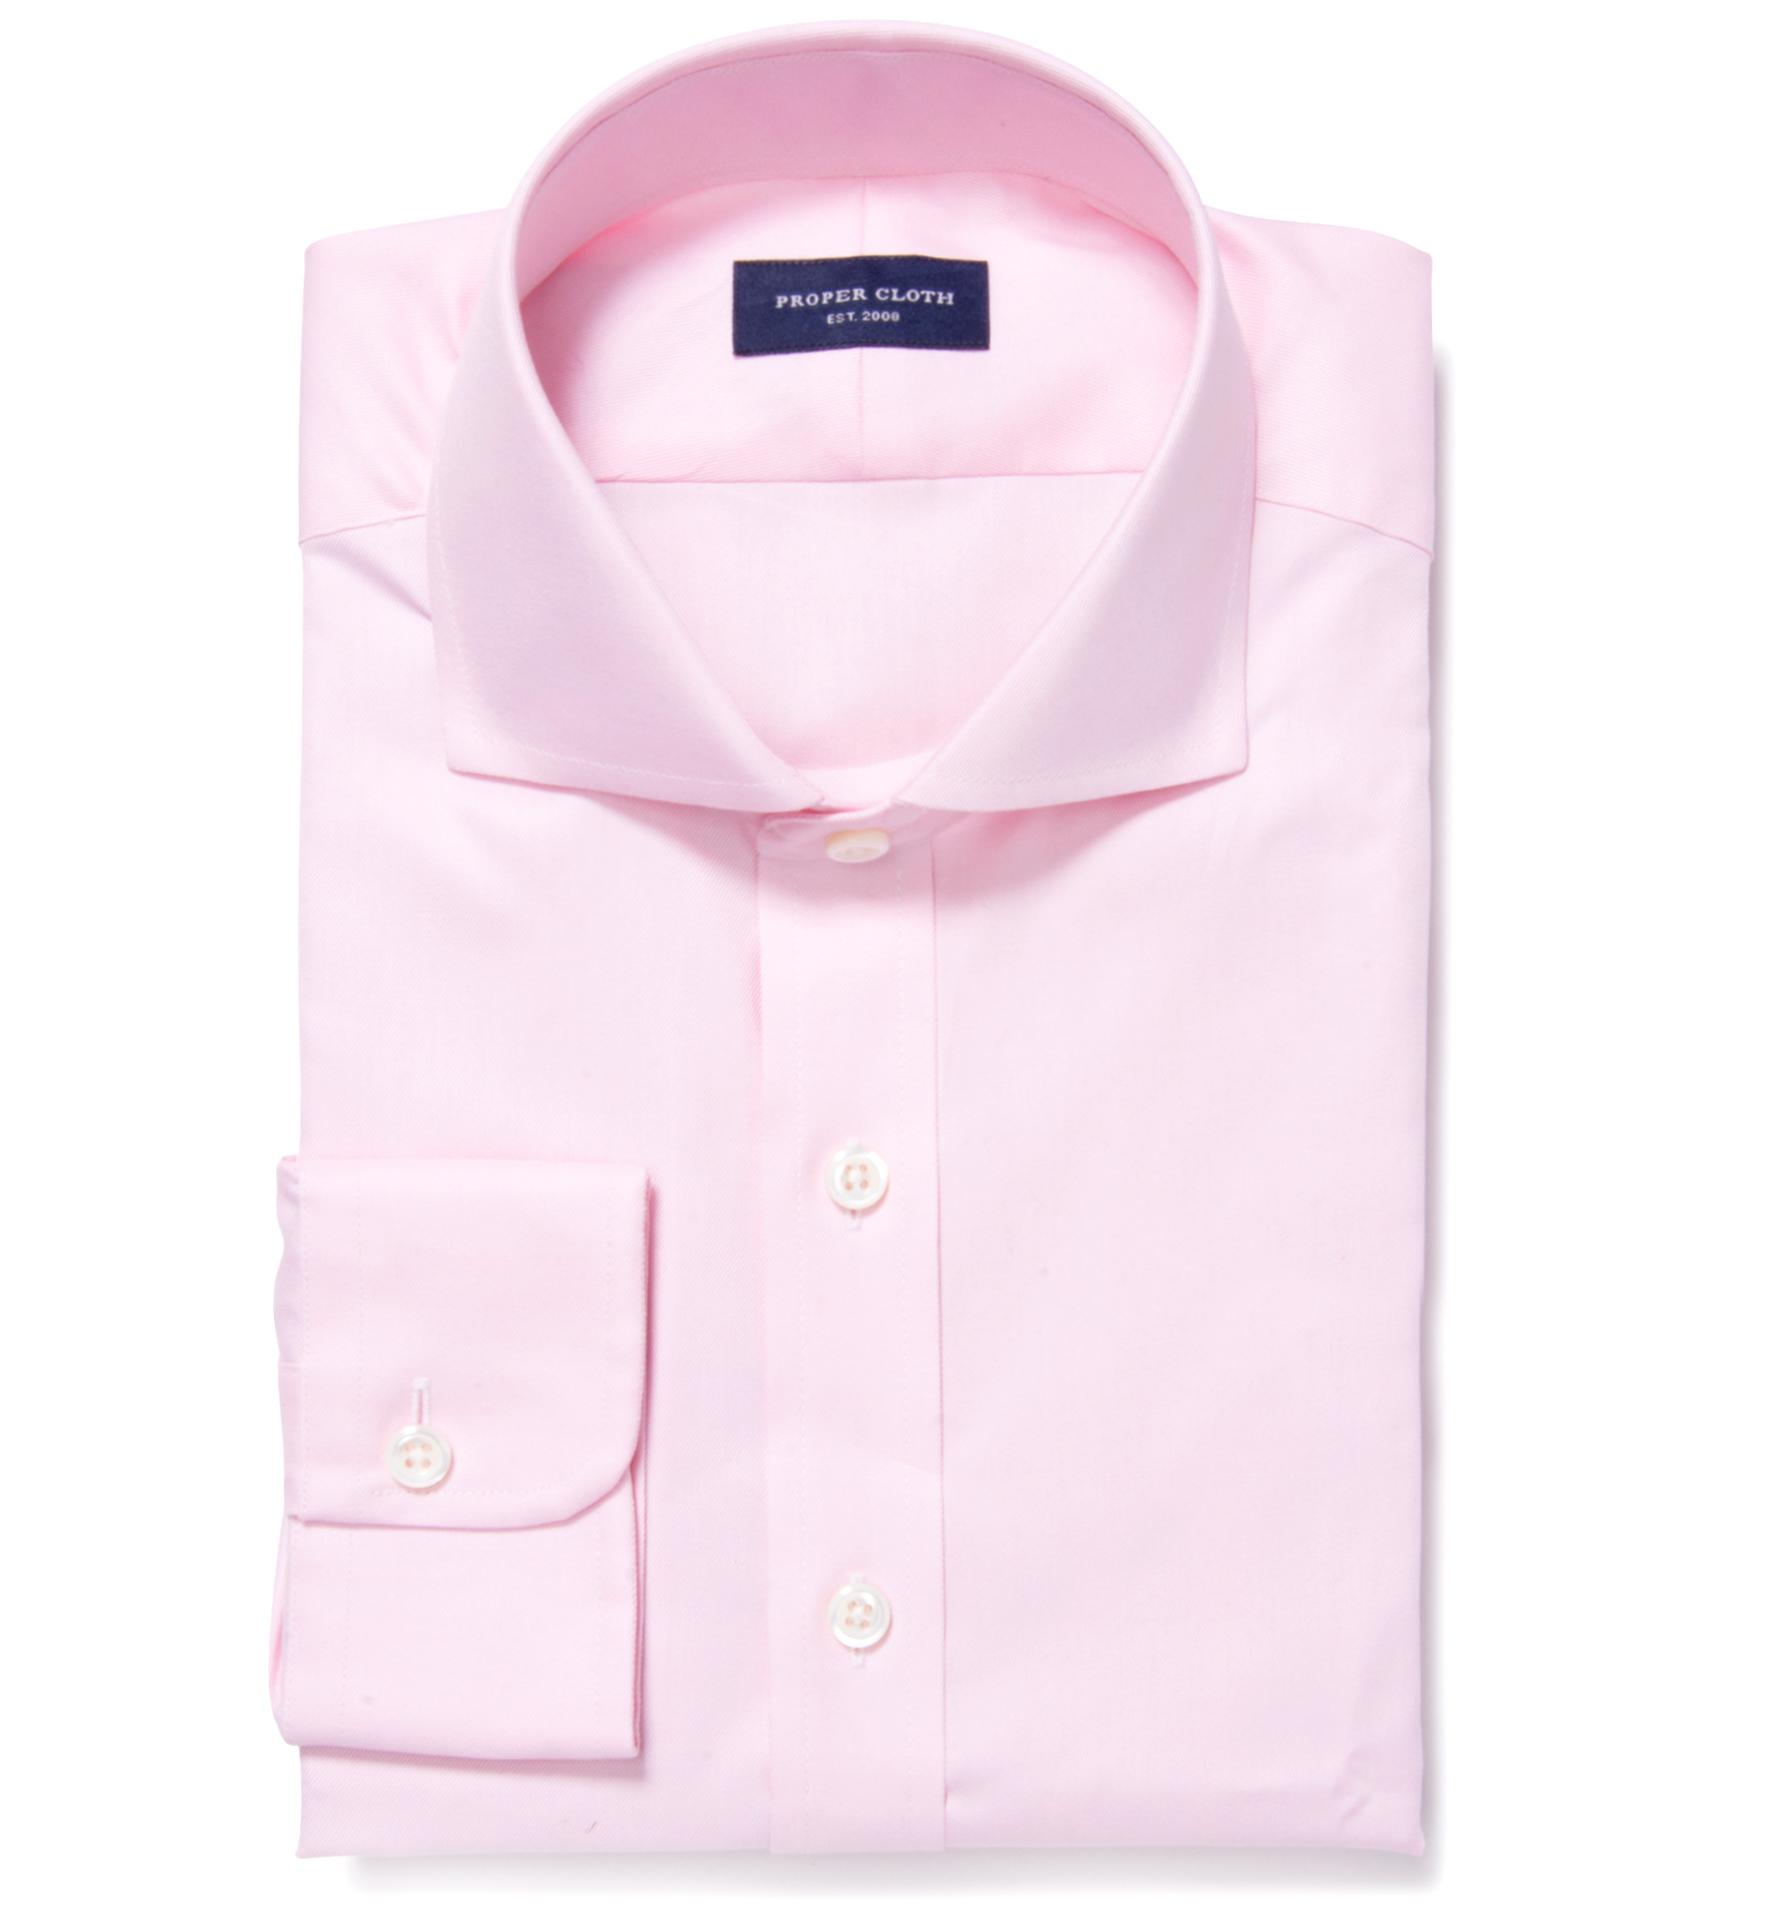 Thomas mason pink fine twill fitted dress shirt by proper for Thomas mason dress shirts